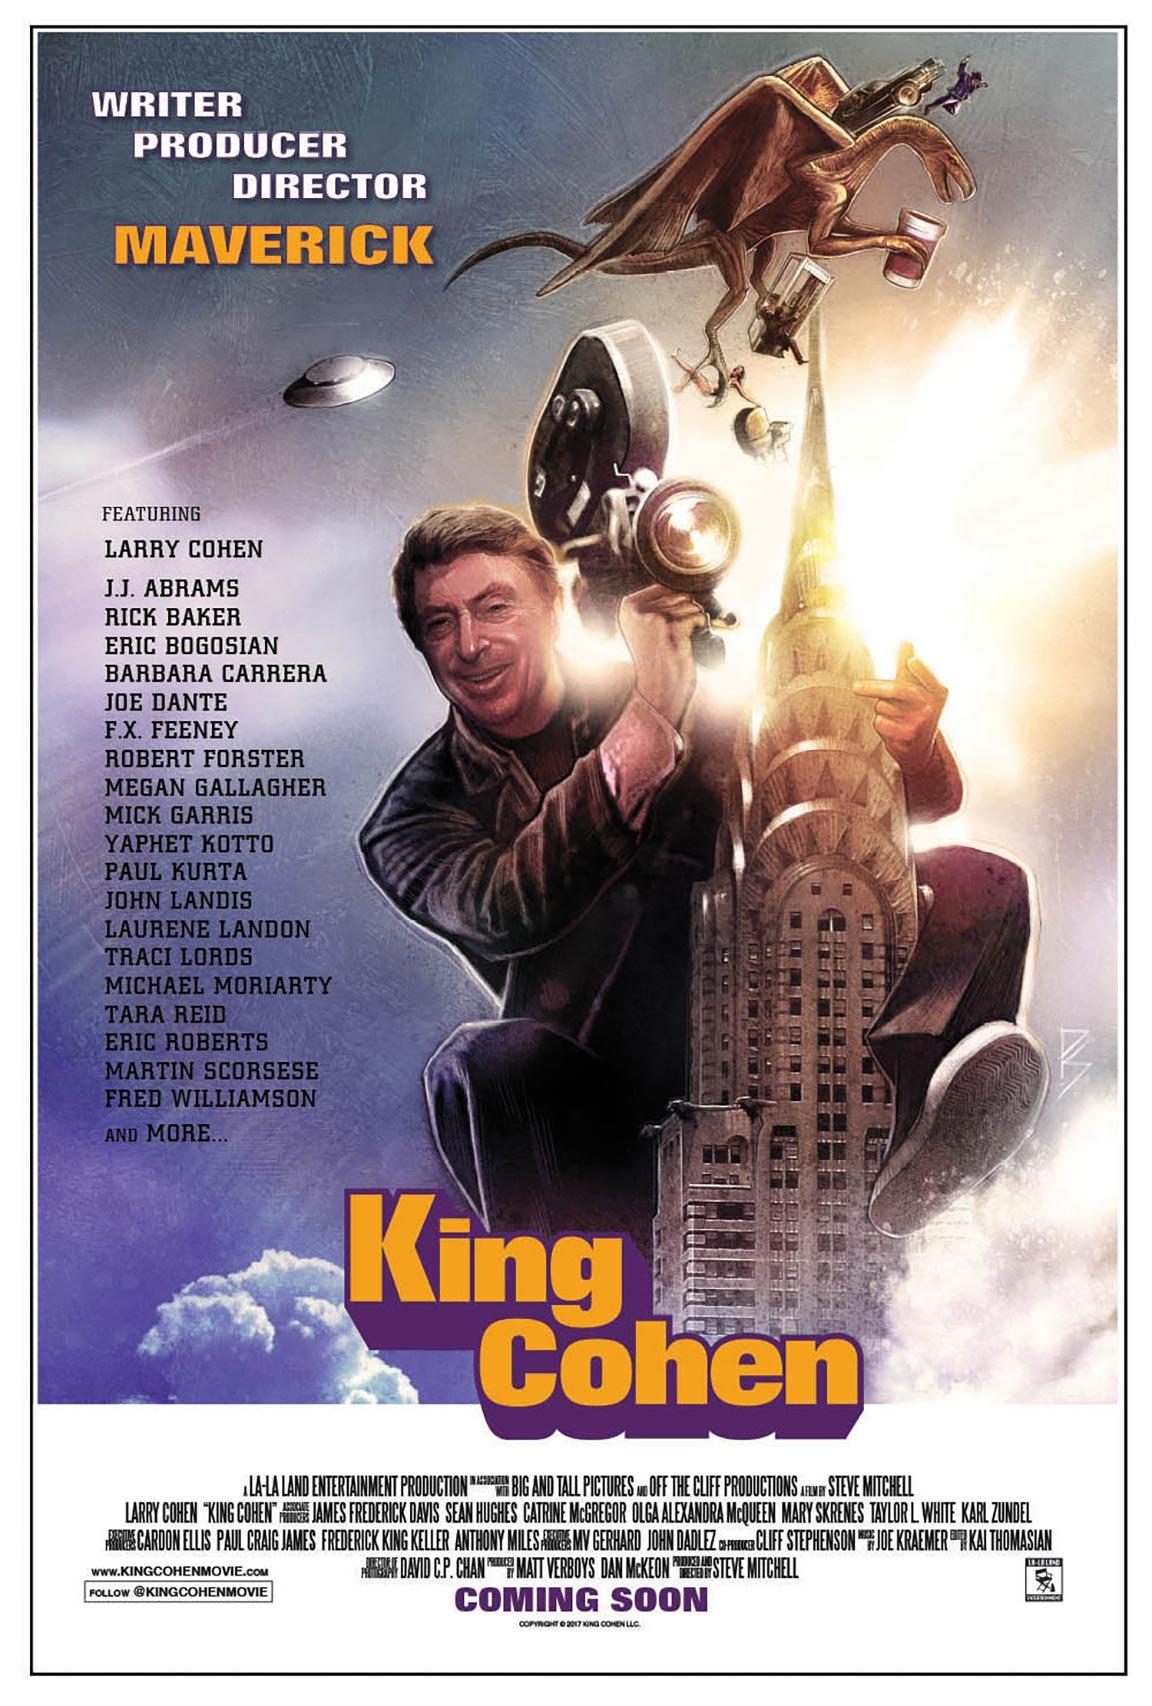 King Cohen: The Wild World of Filmmaker Larry Cohen Poster #1